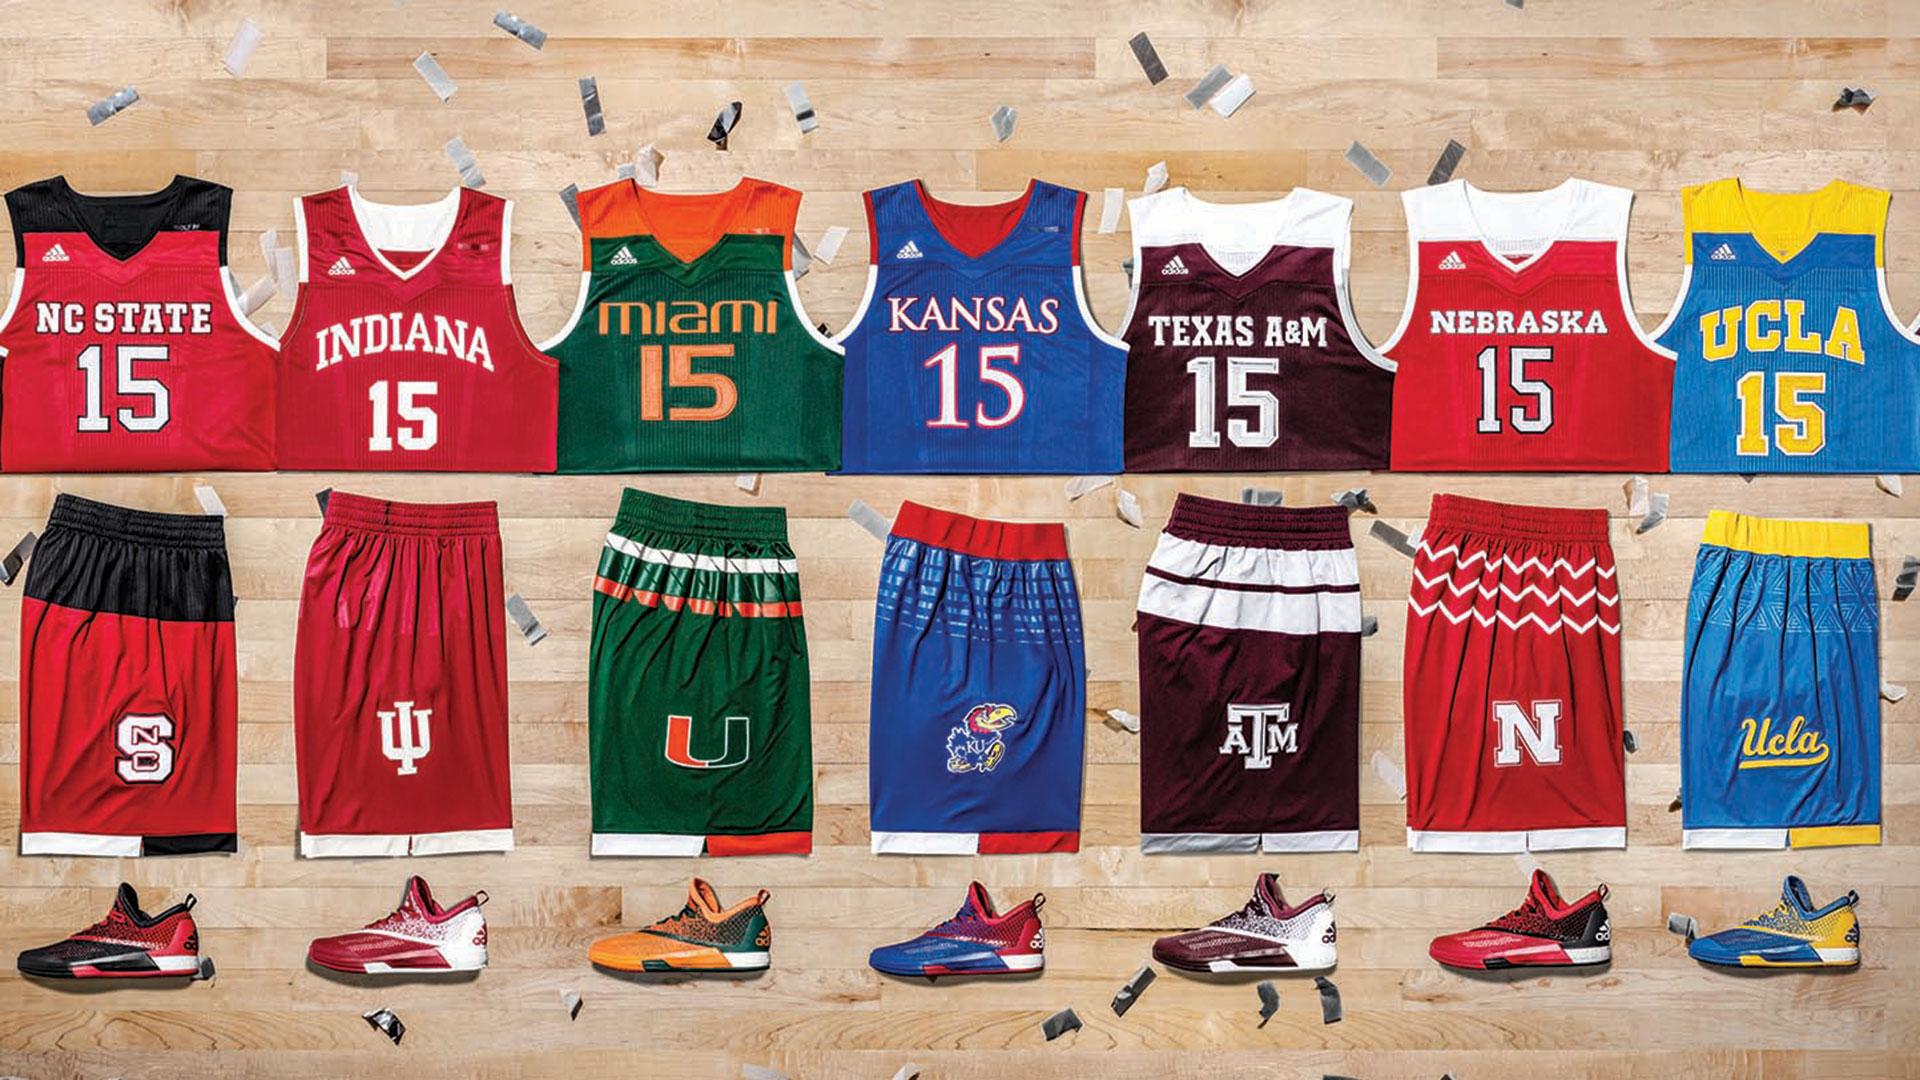 Ncaa basketball uniforms